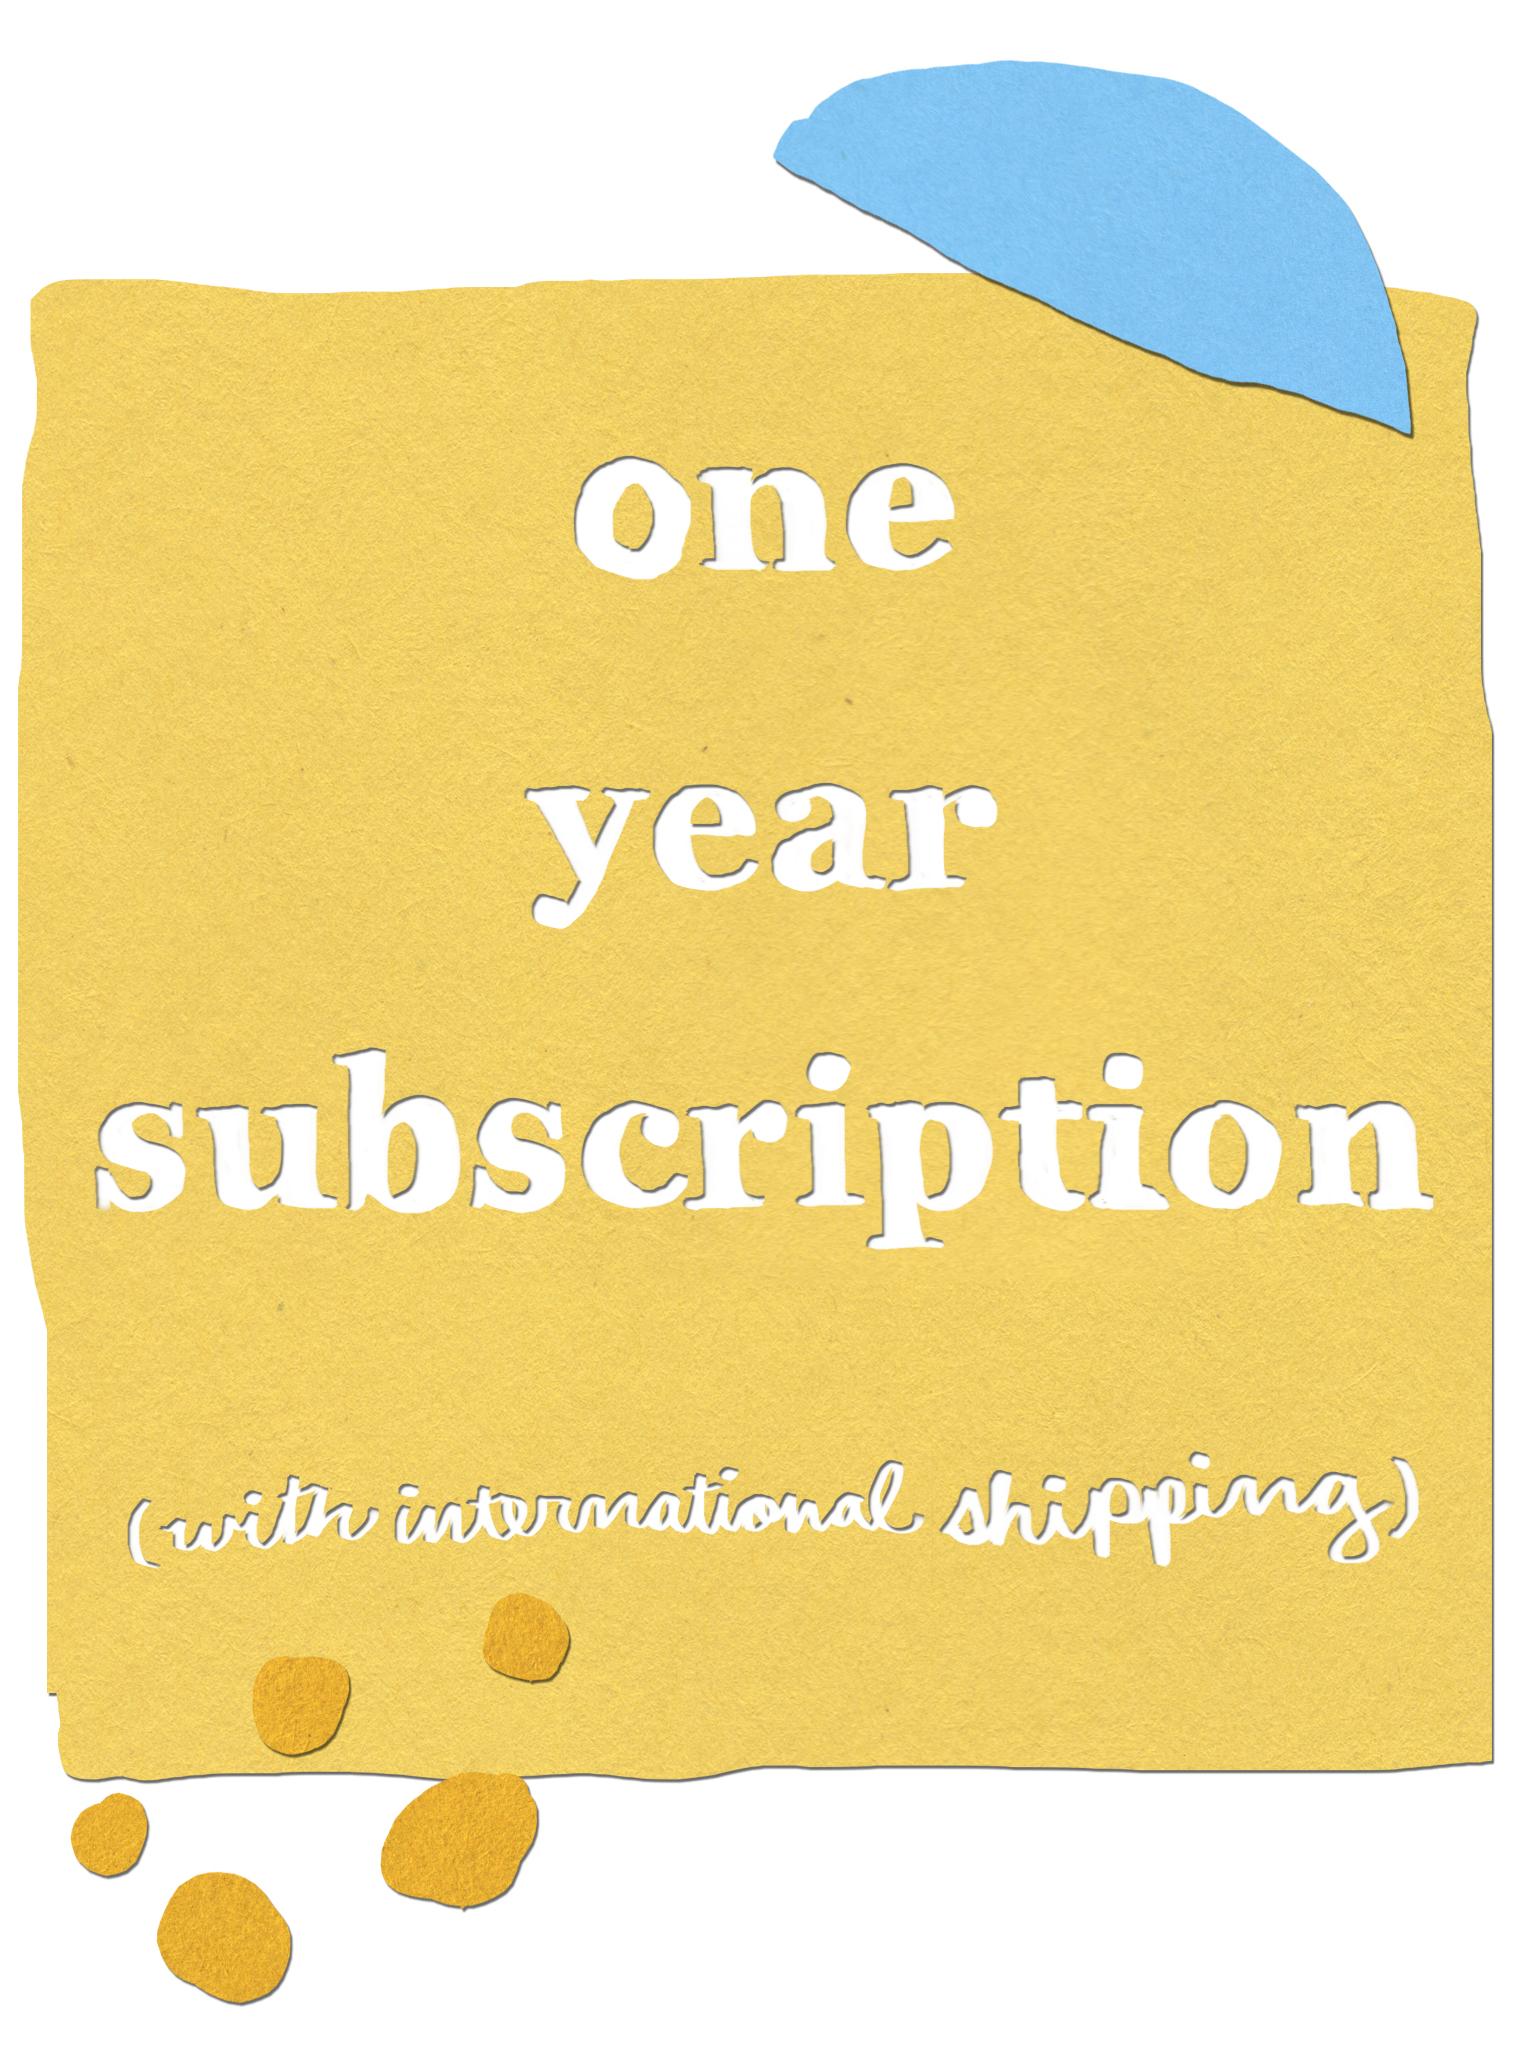 Subscription-INTL.jpg